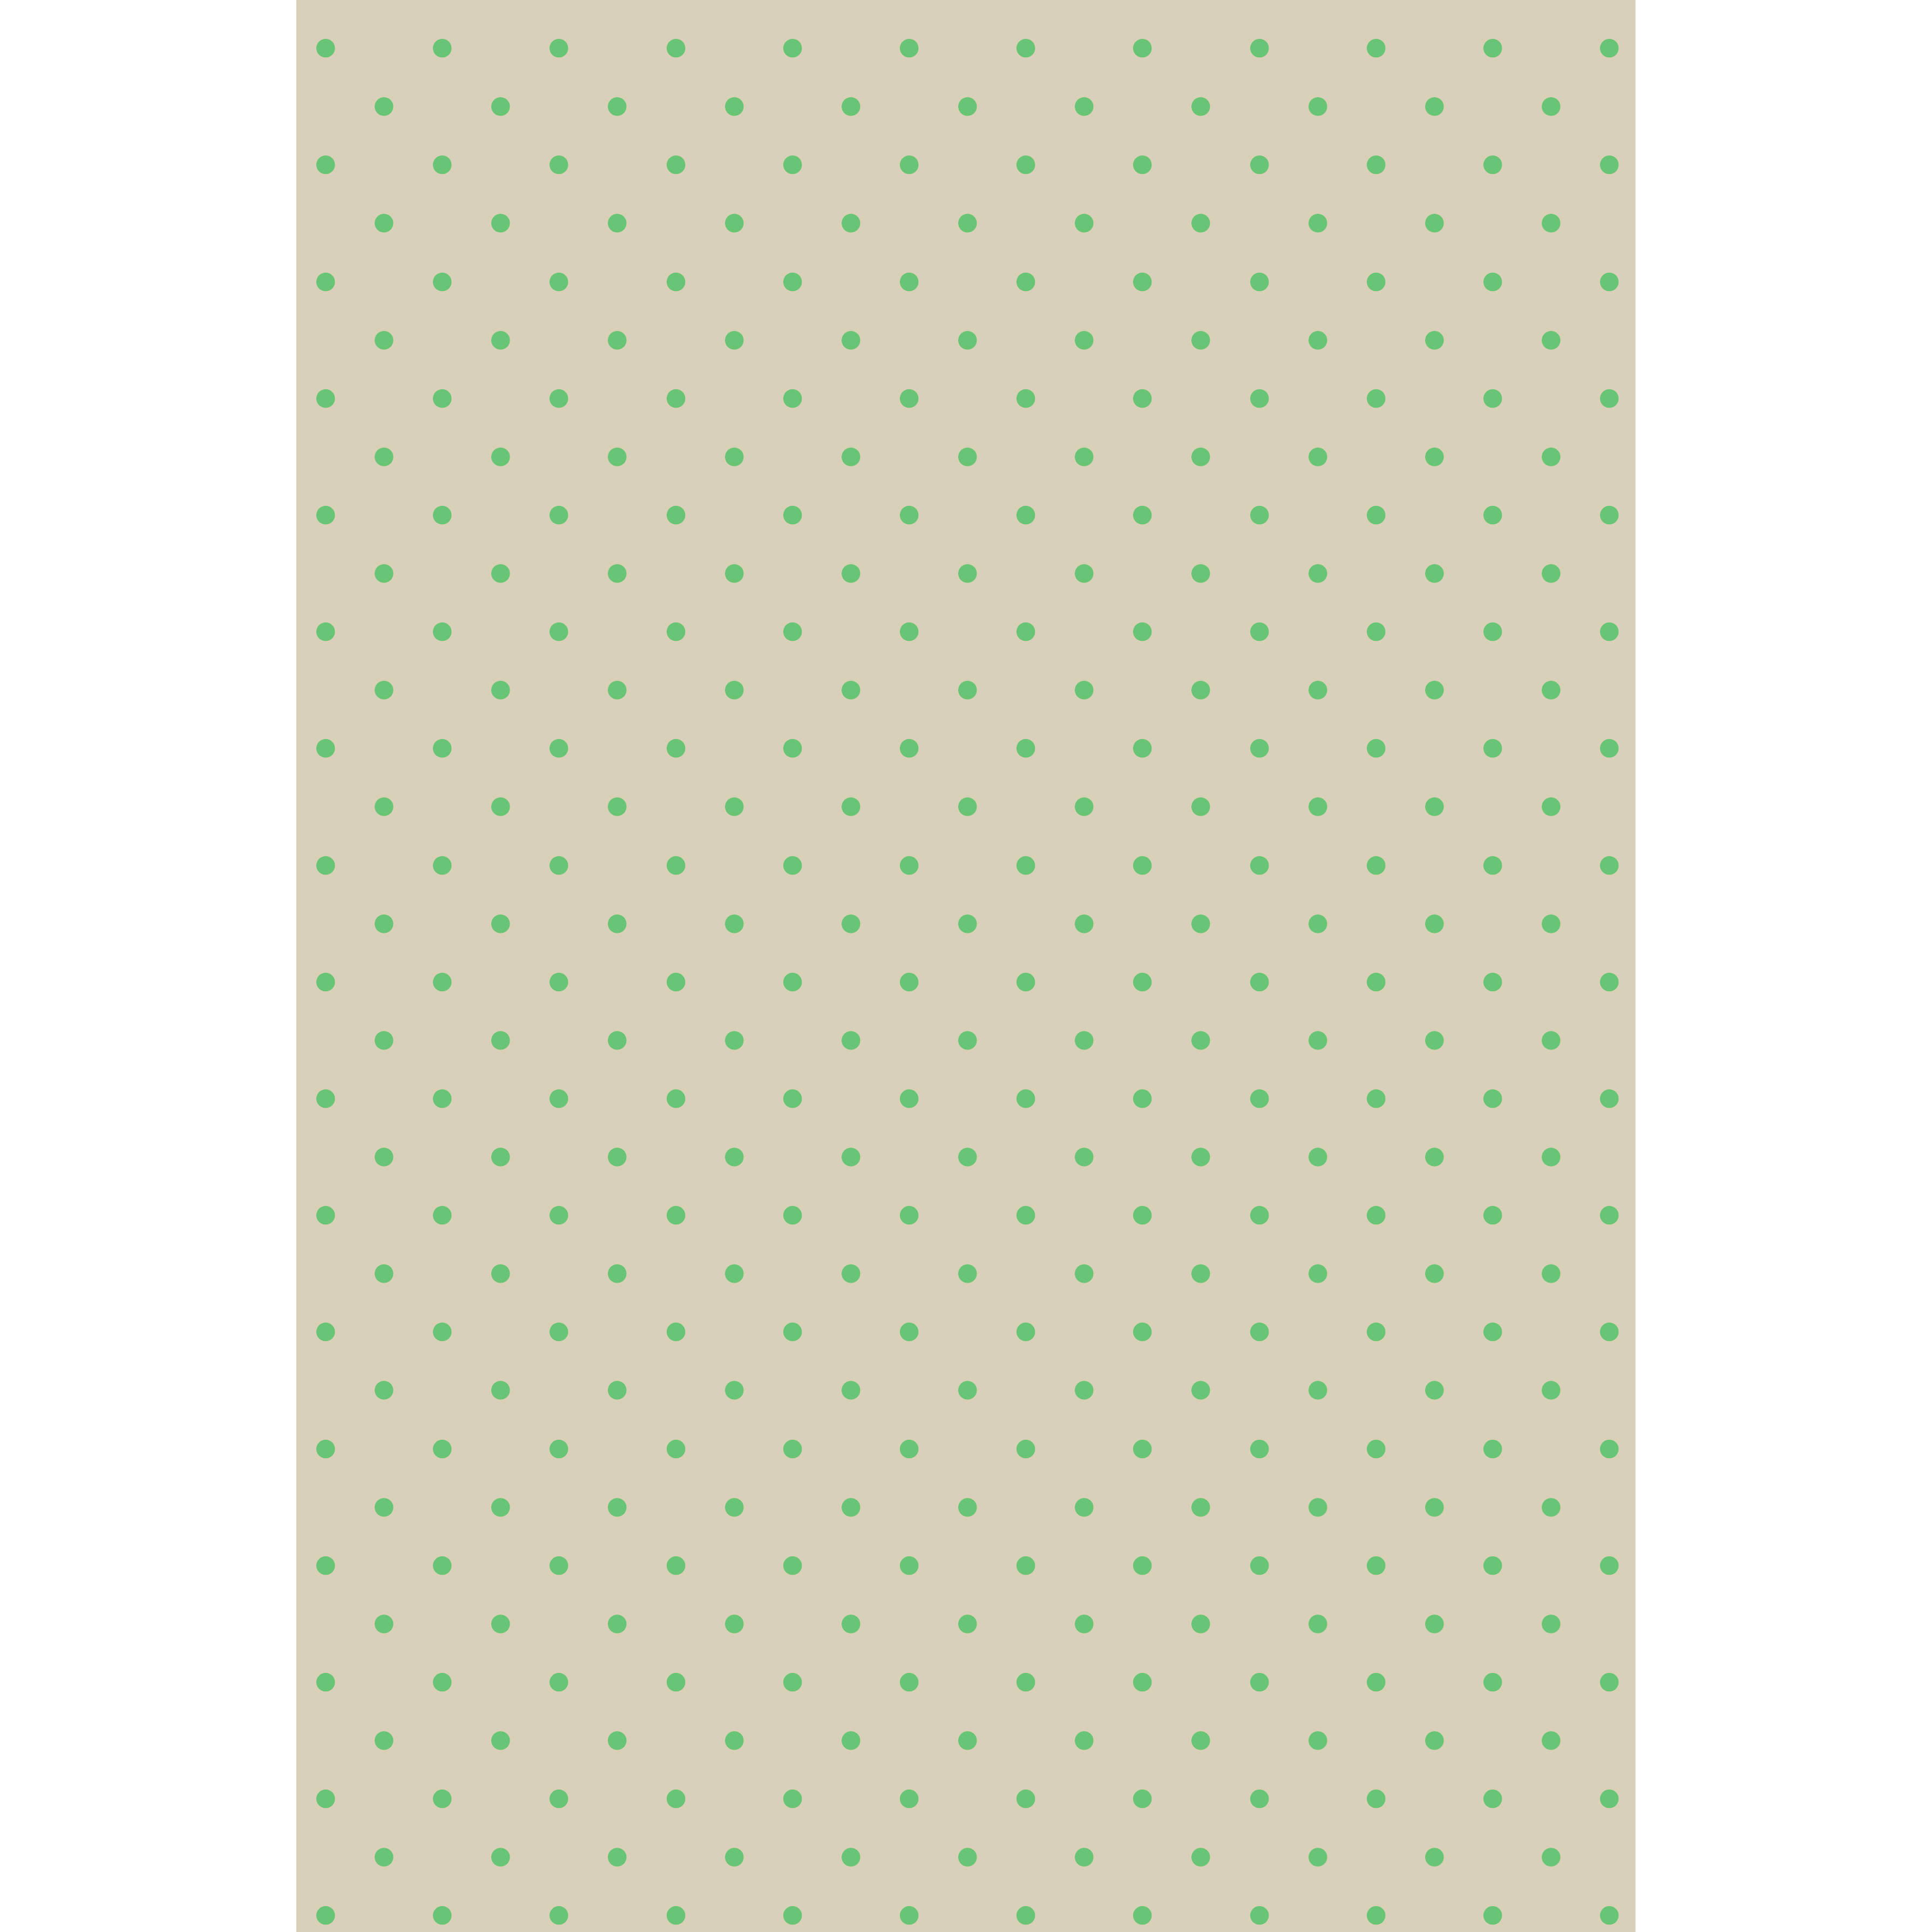 水玉(ドット)ベージュ×緑 背景デザイン イラスト | 商用フリー(無料